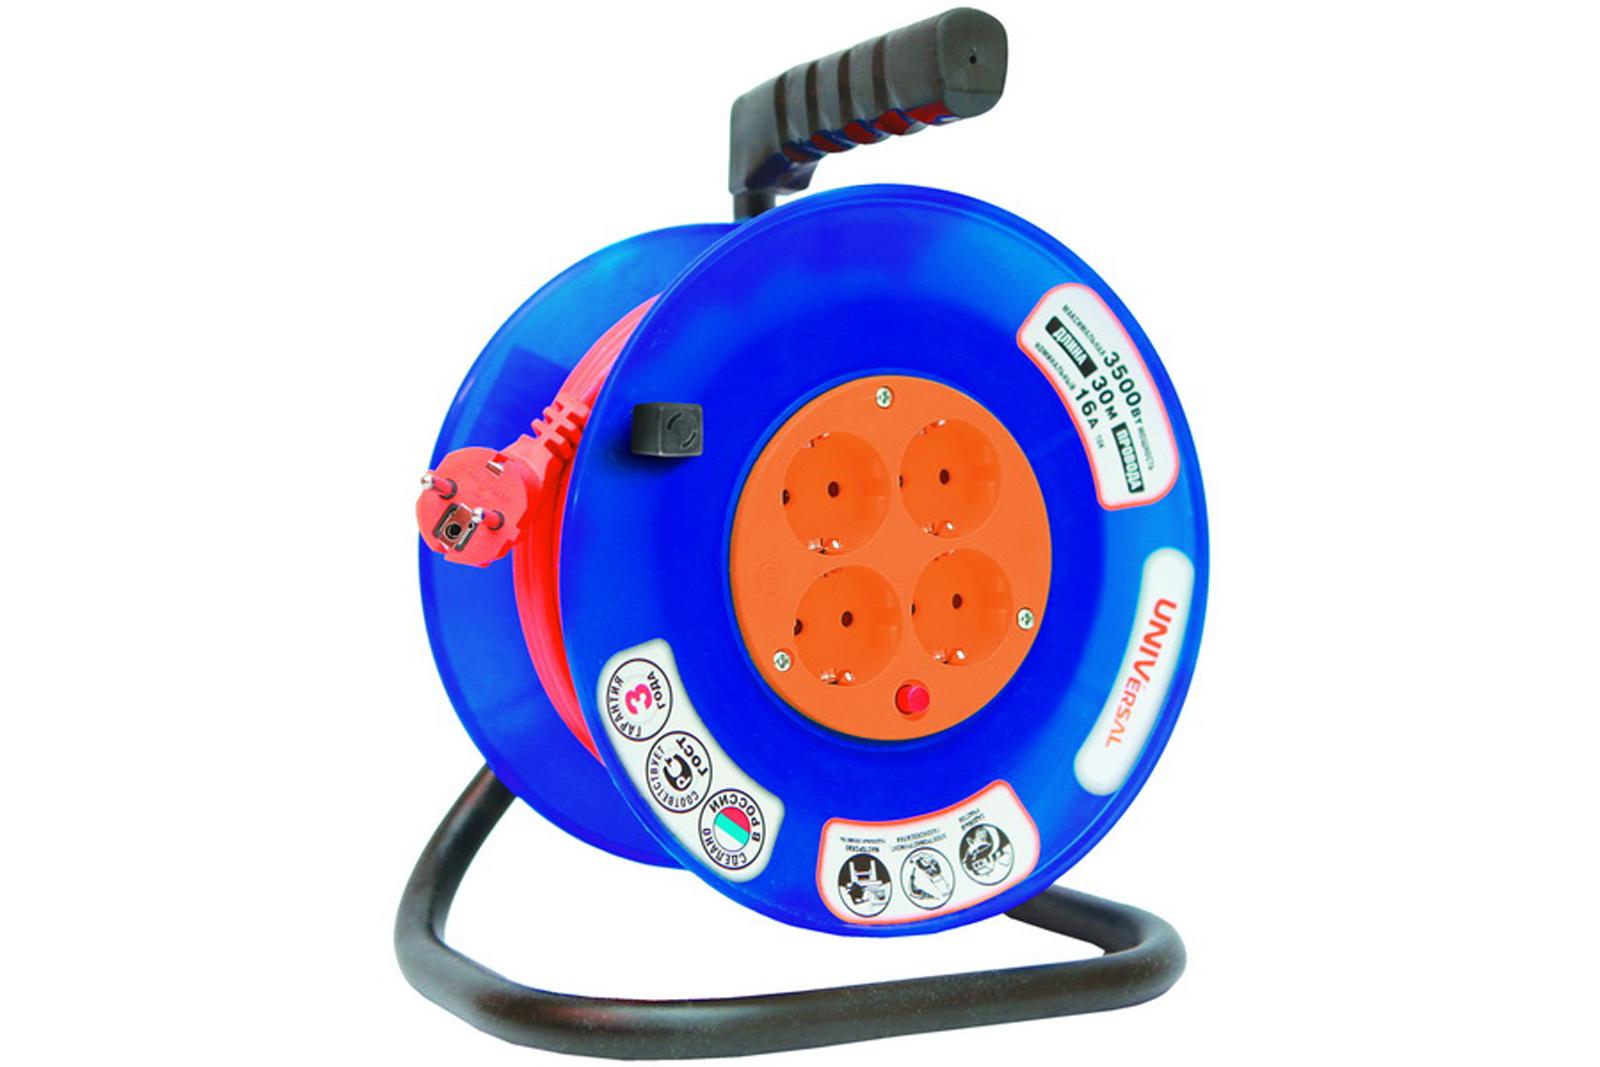 Удлинитель Universal ВЕМ-250 термо ПВС 3*0,75 4гнезда 30м цены онлайн